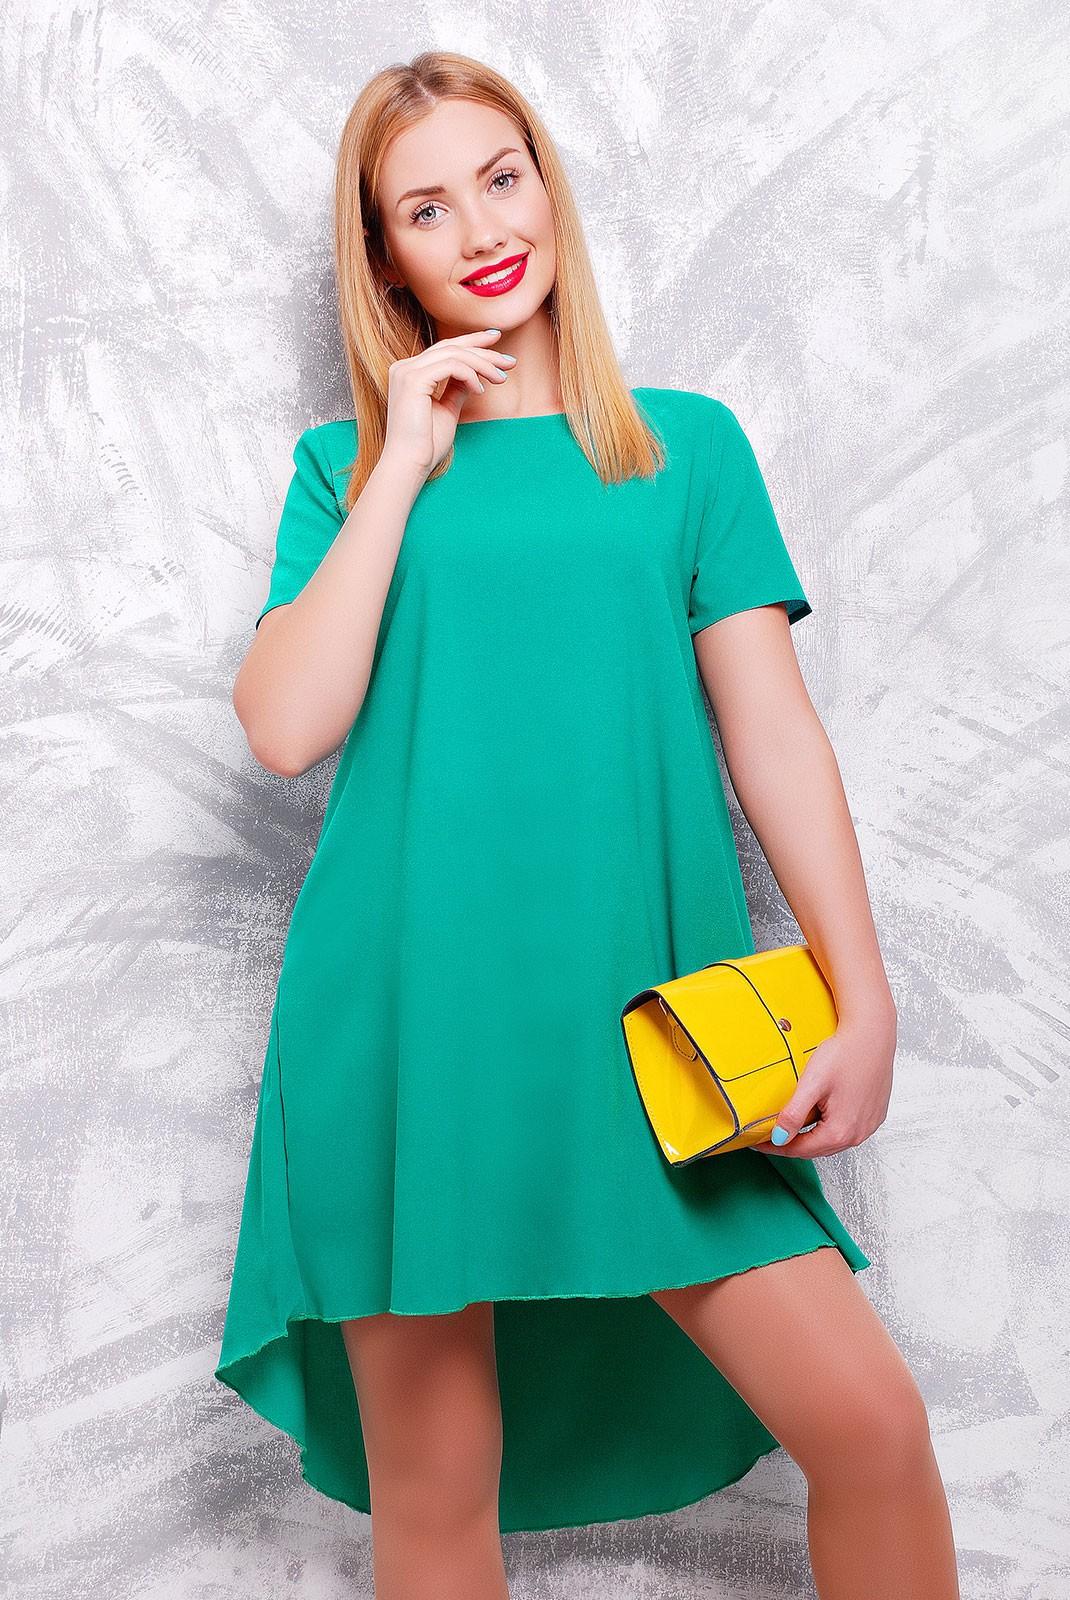 daa10c5a0604 Красивое платье изумрудного цвета -